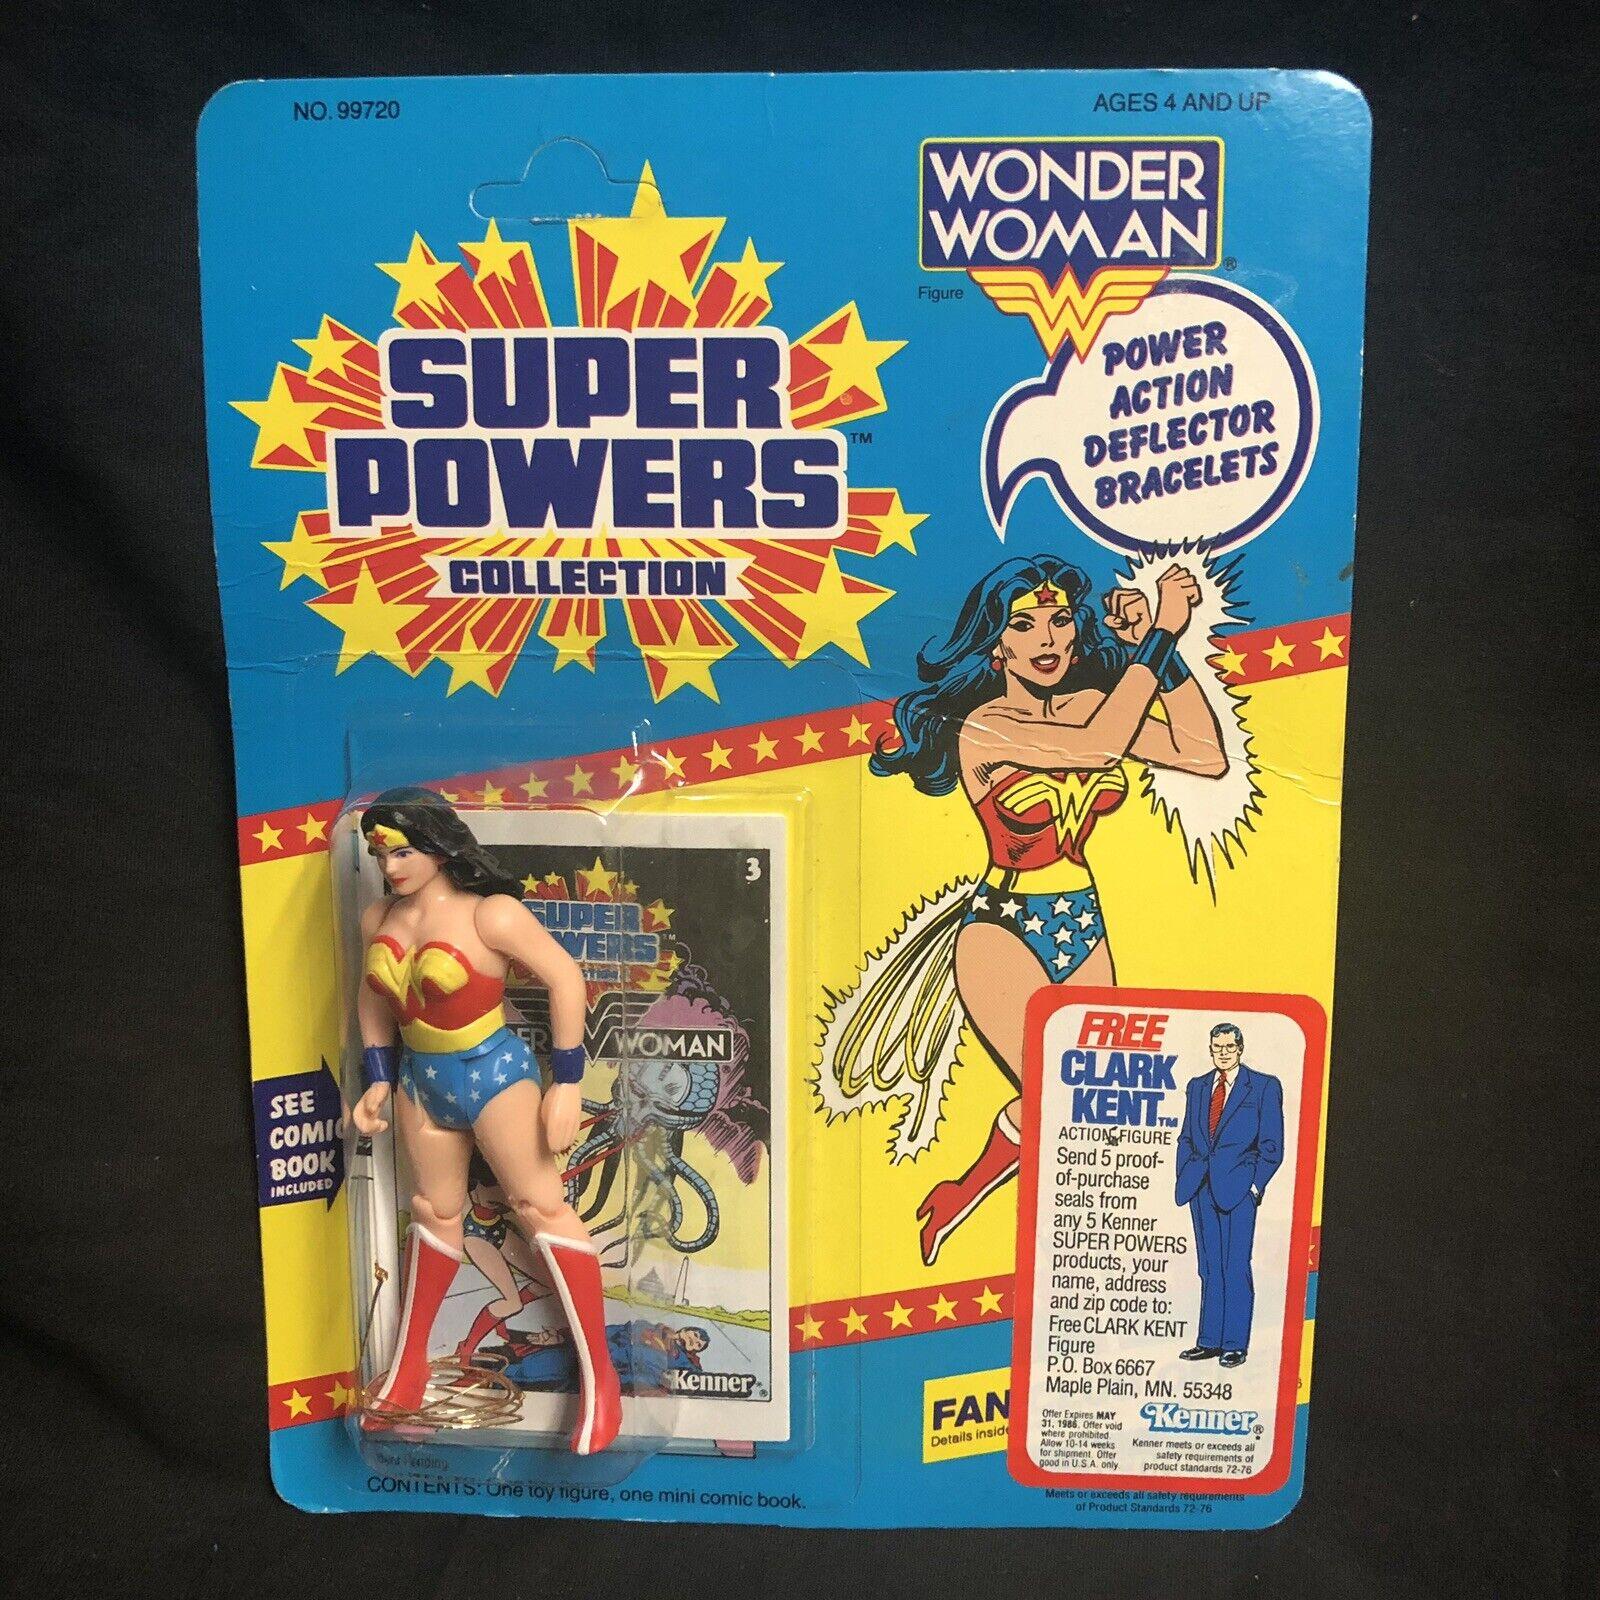 wholesape barato Súper poderes Mujer Maravilla Maravilla Maravilla ENLOMADOR Kenner Figura de acción sellado Vintage 1985  100% a estrenar con calidad original.